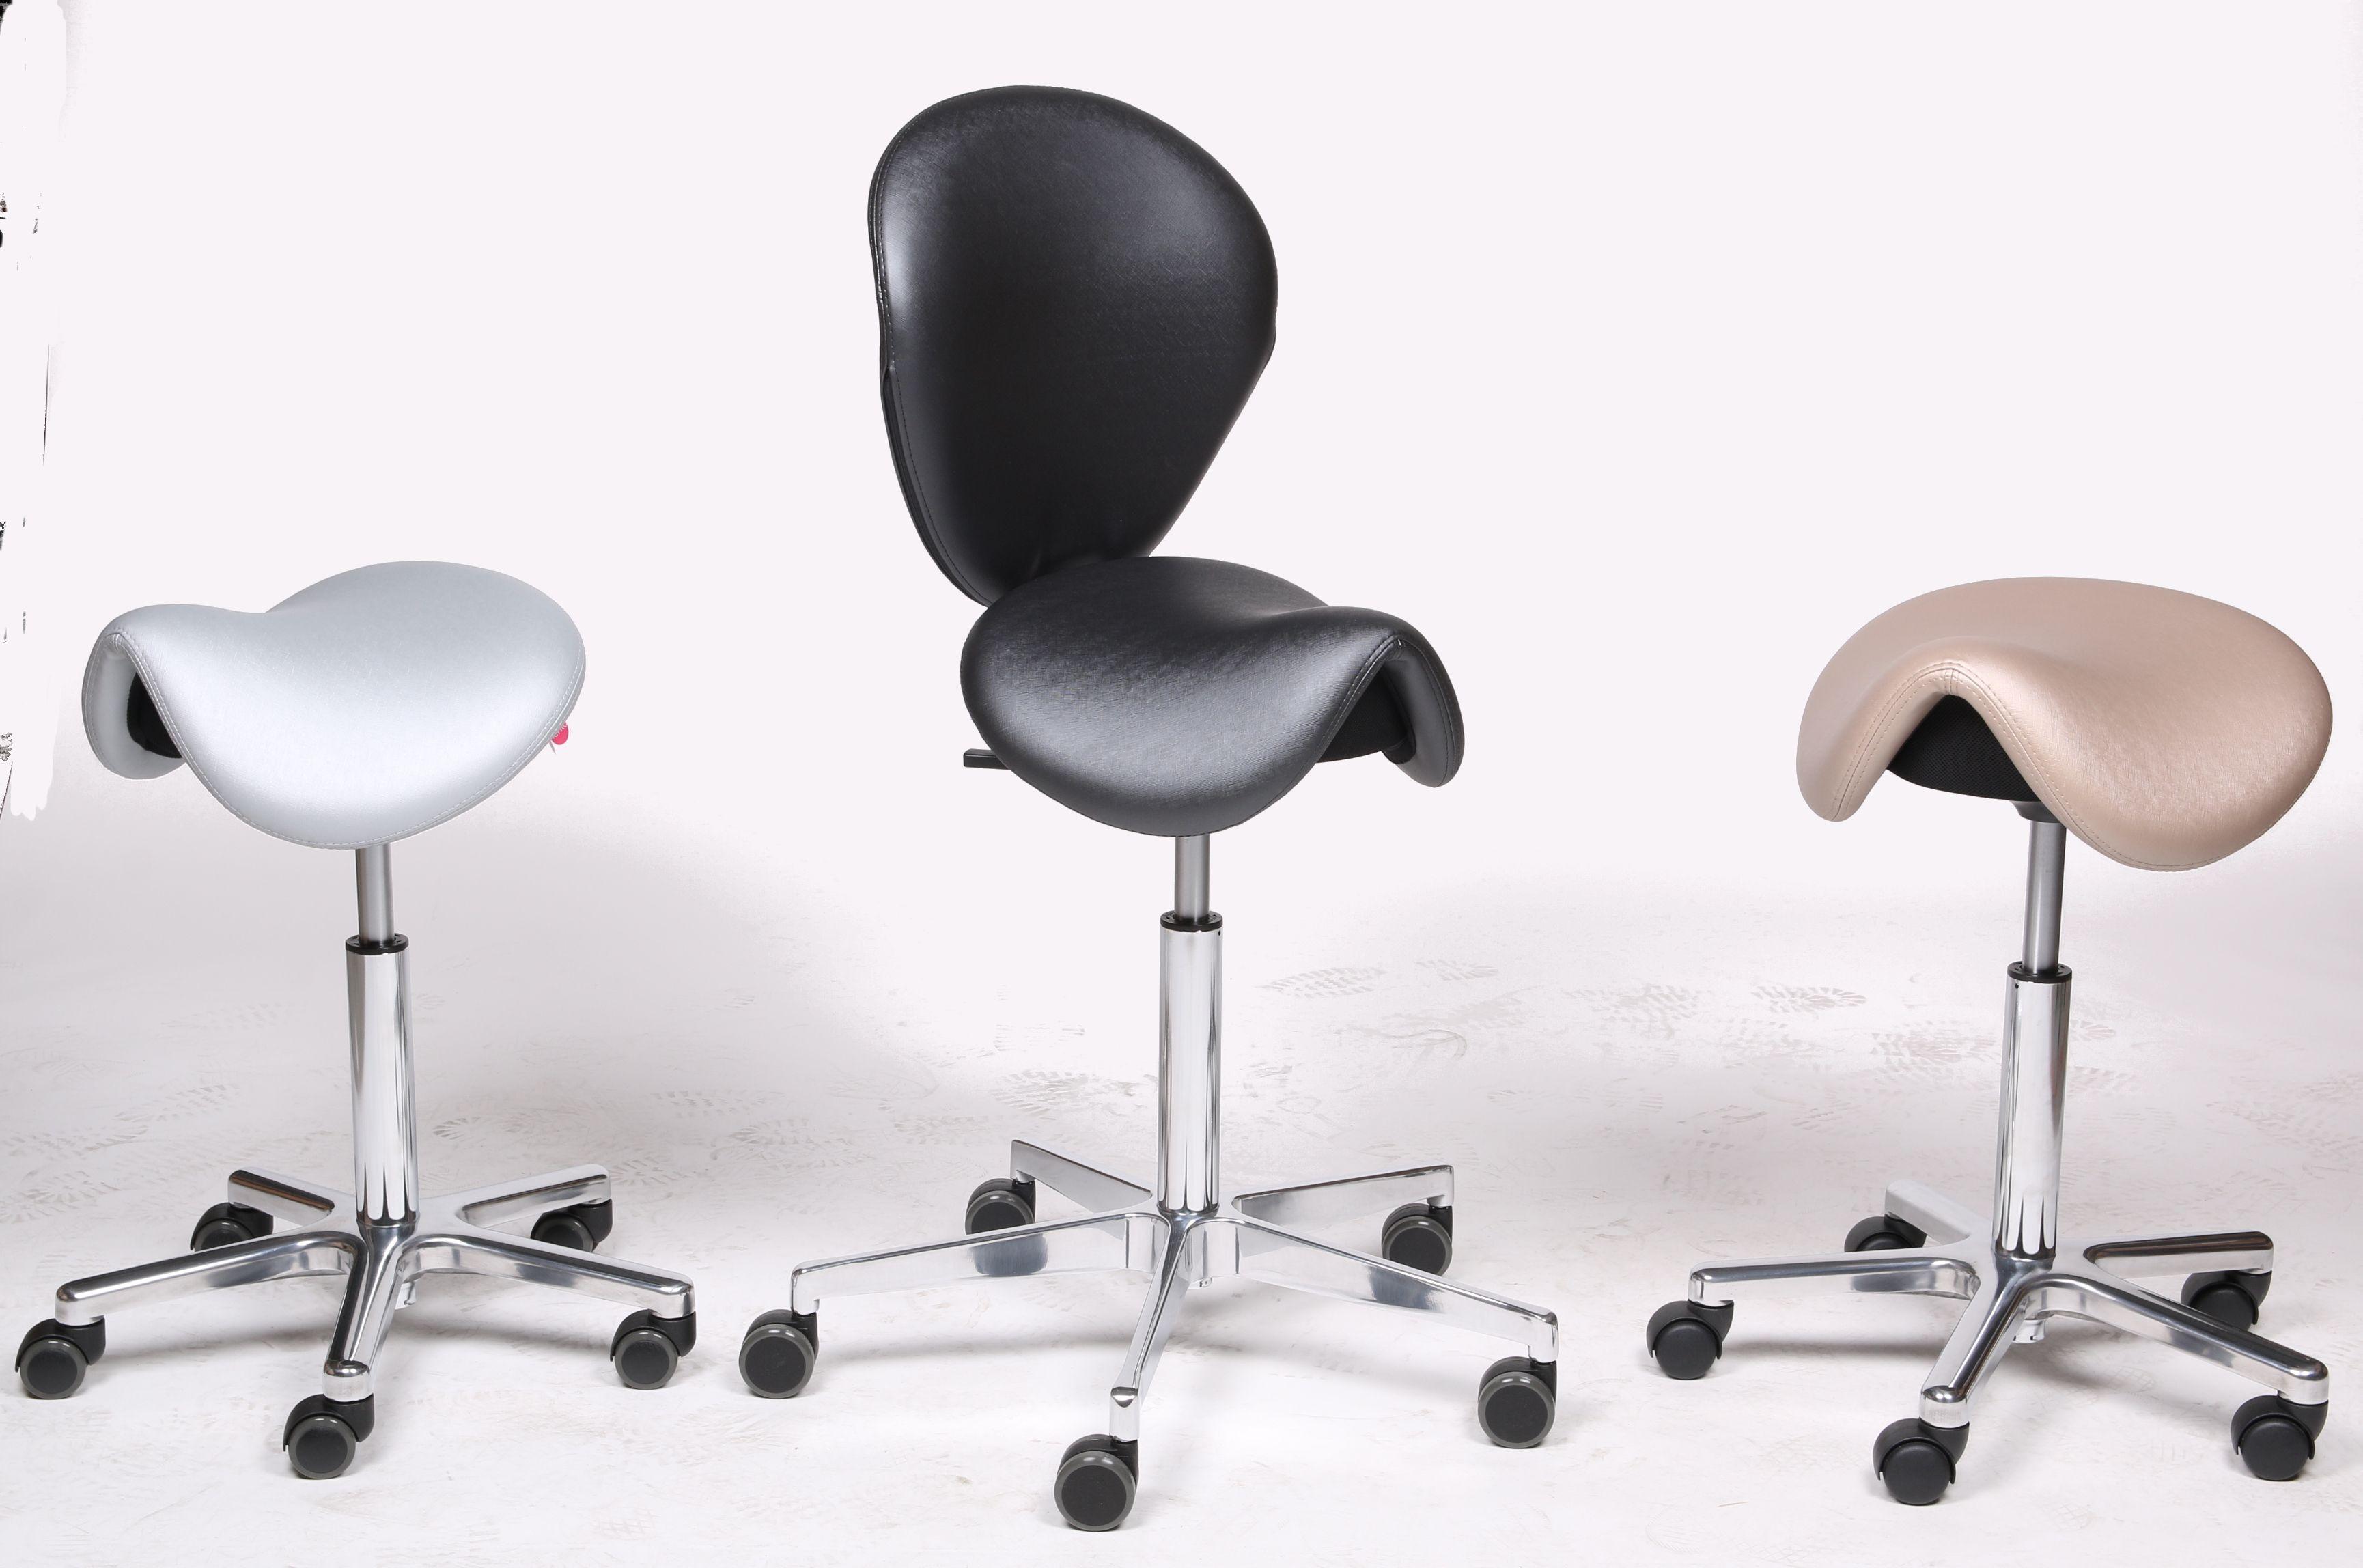 Lento Bürostühle das fantastische trio die sattelsitze sella in metallischem glanz